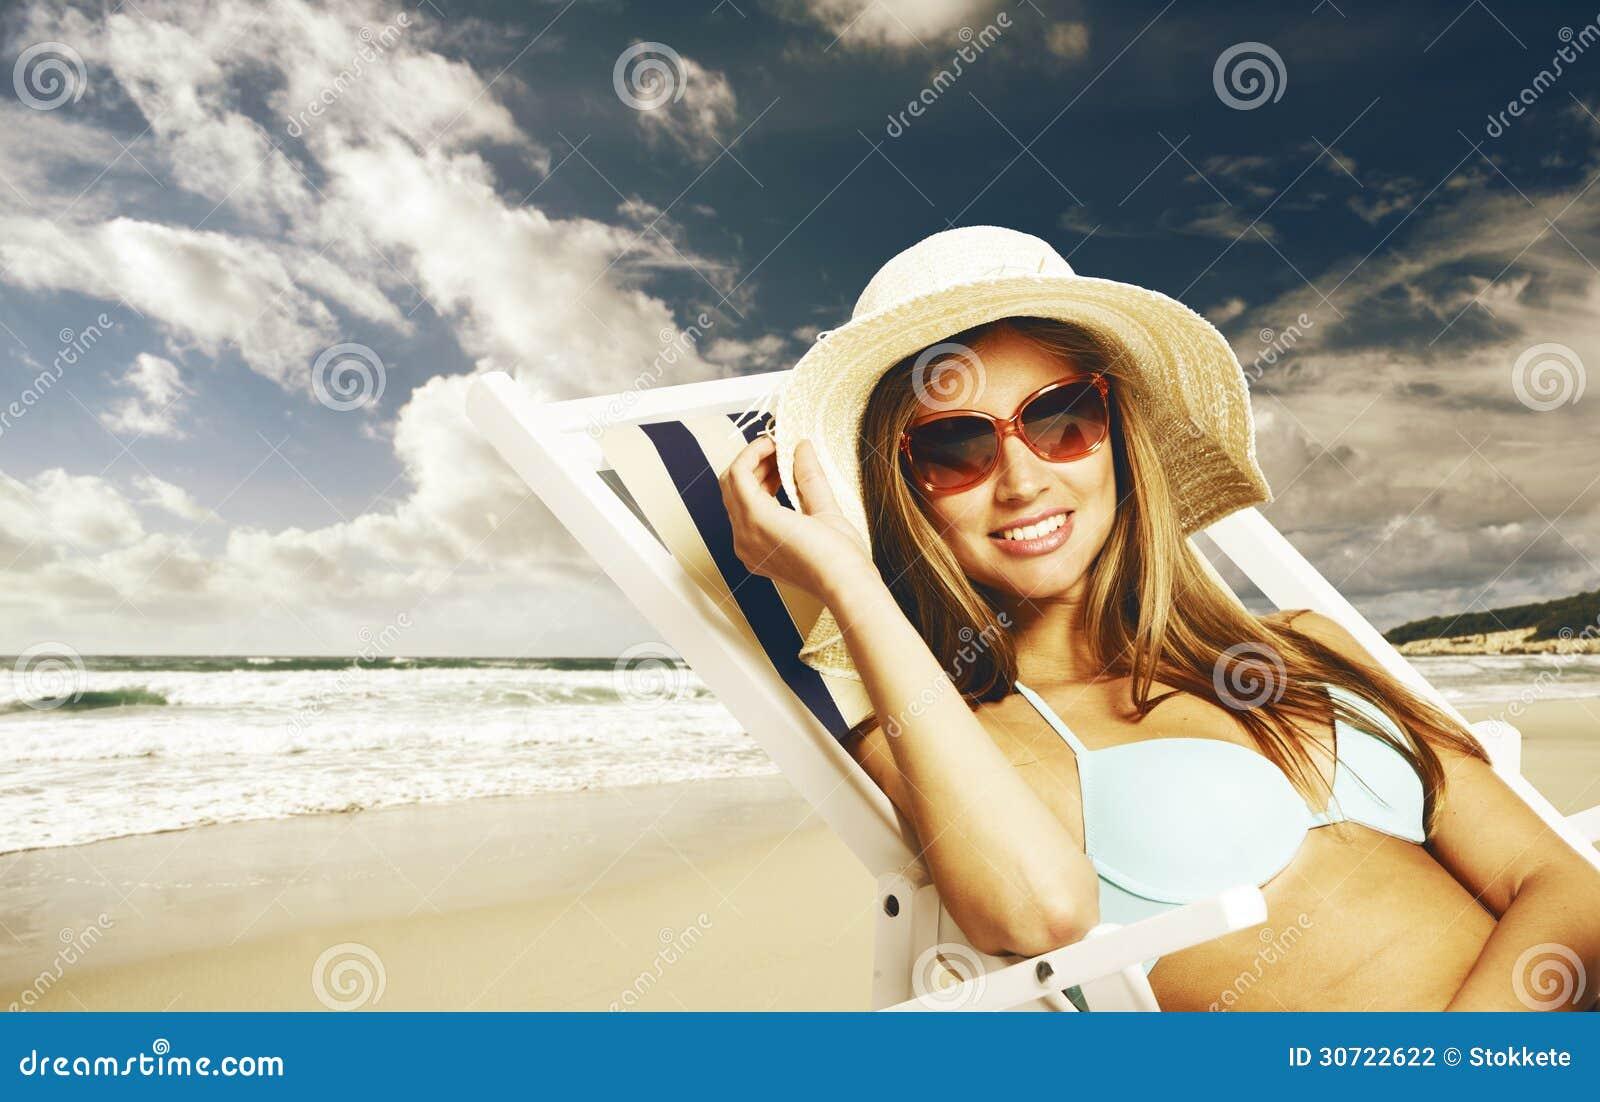 Vacances d été heureuses